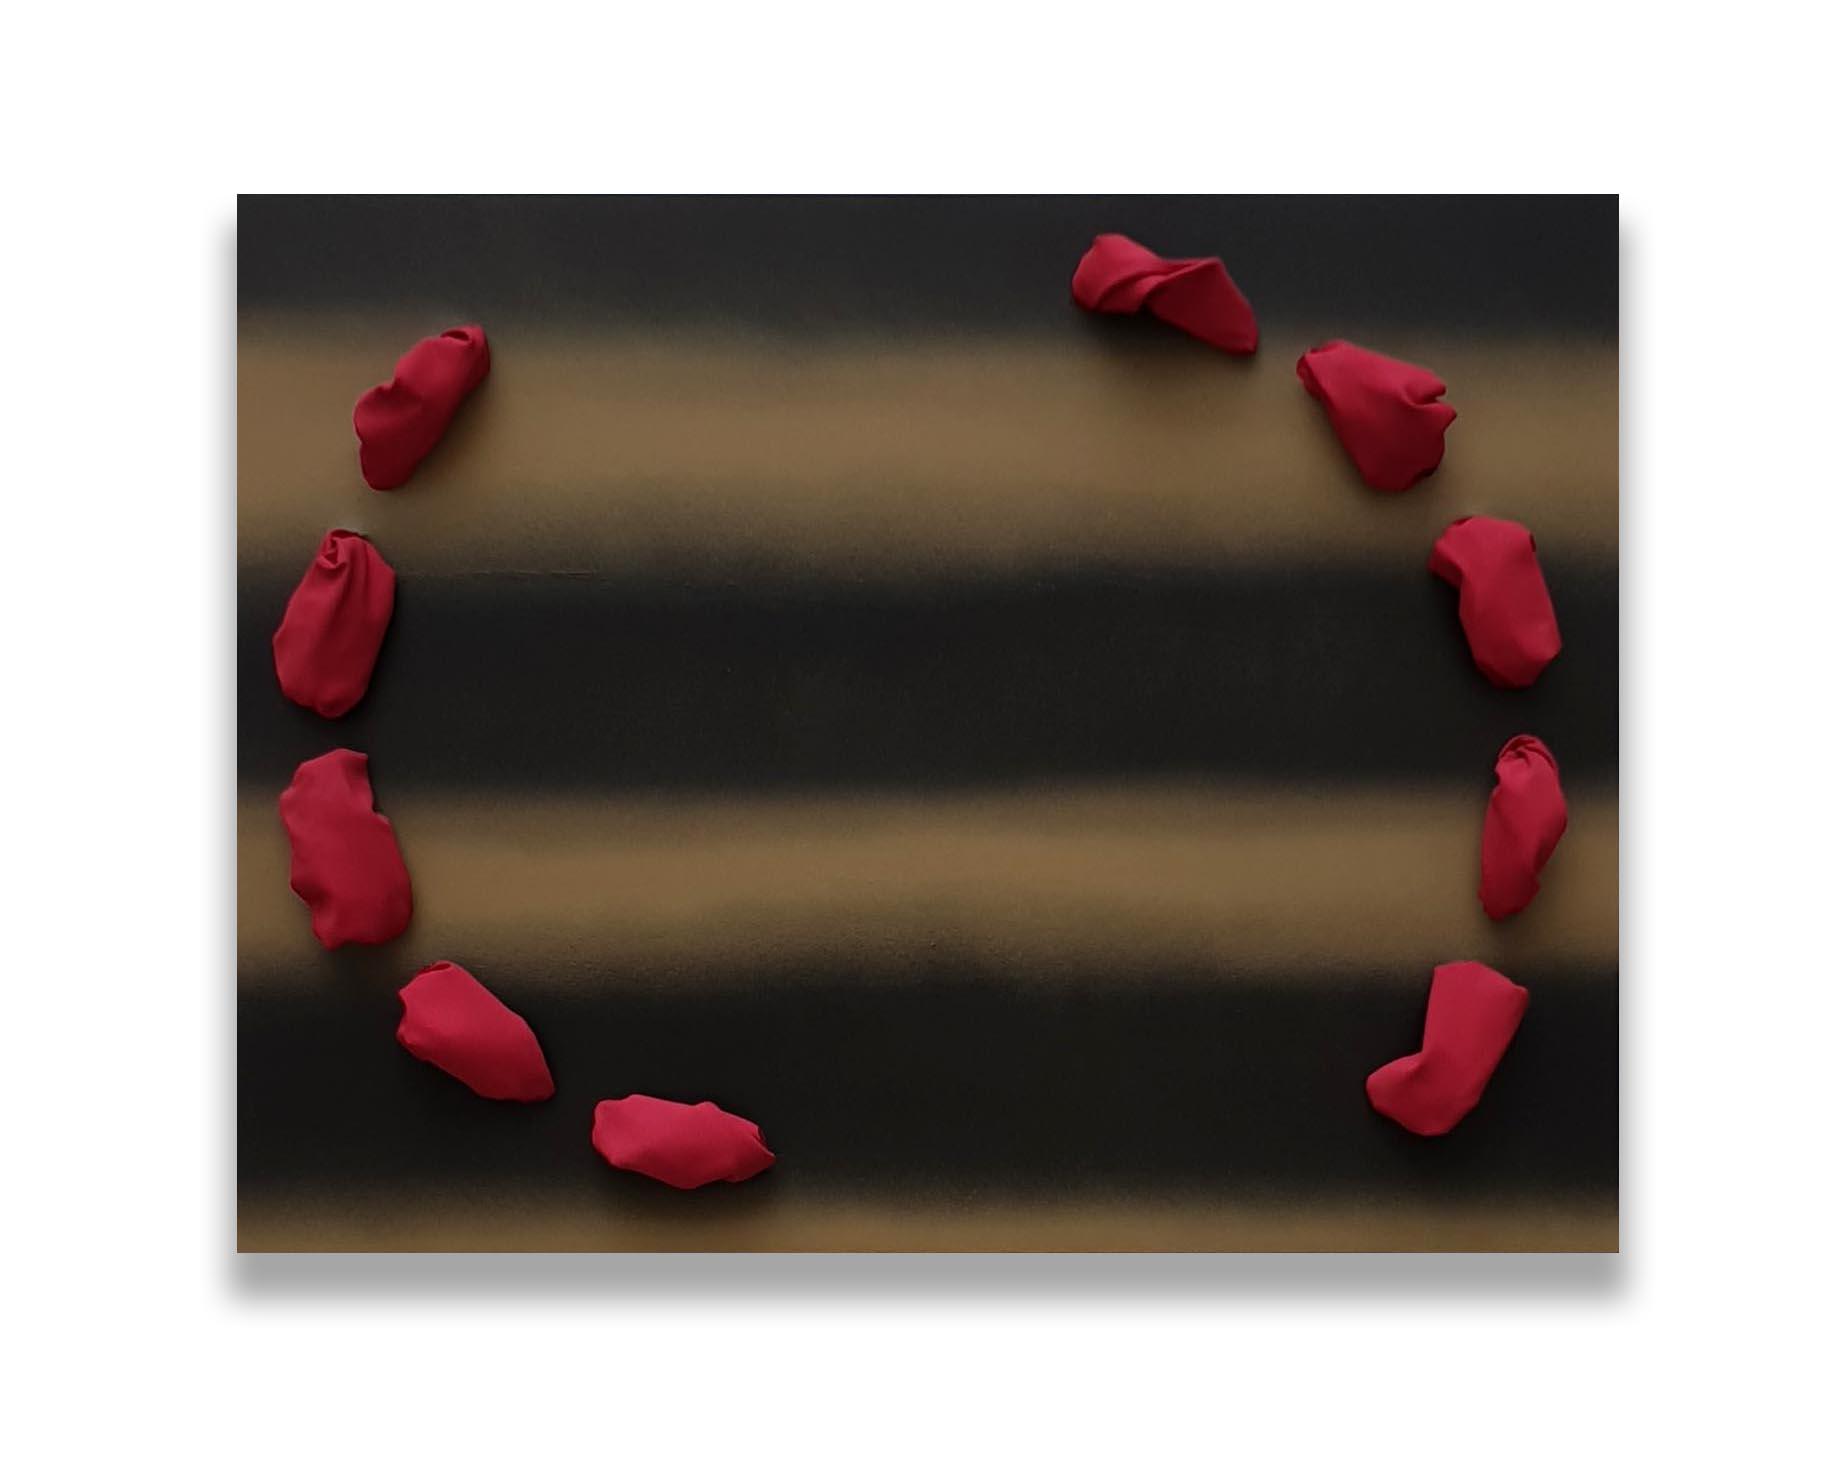 La Sera  - 2019  Pigmento acrilico e bomboletta spray su tela tesa su tavola  60,3 x 79,2 x 13,2 cm